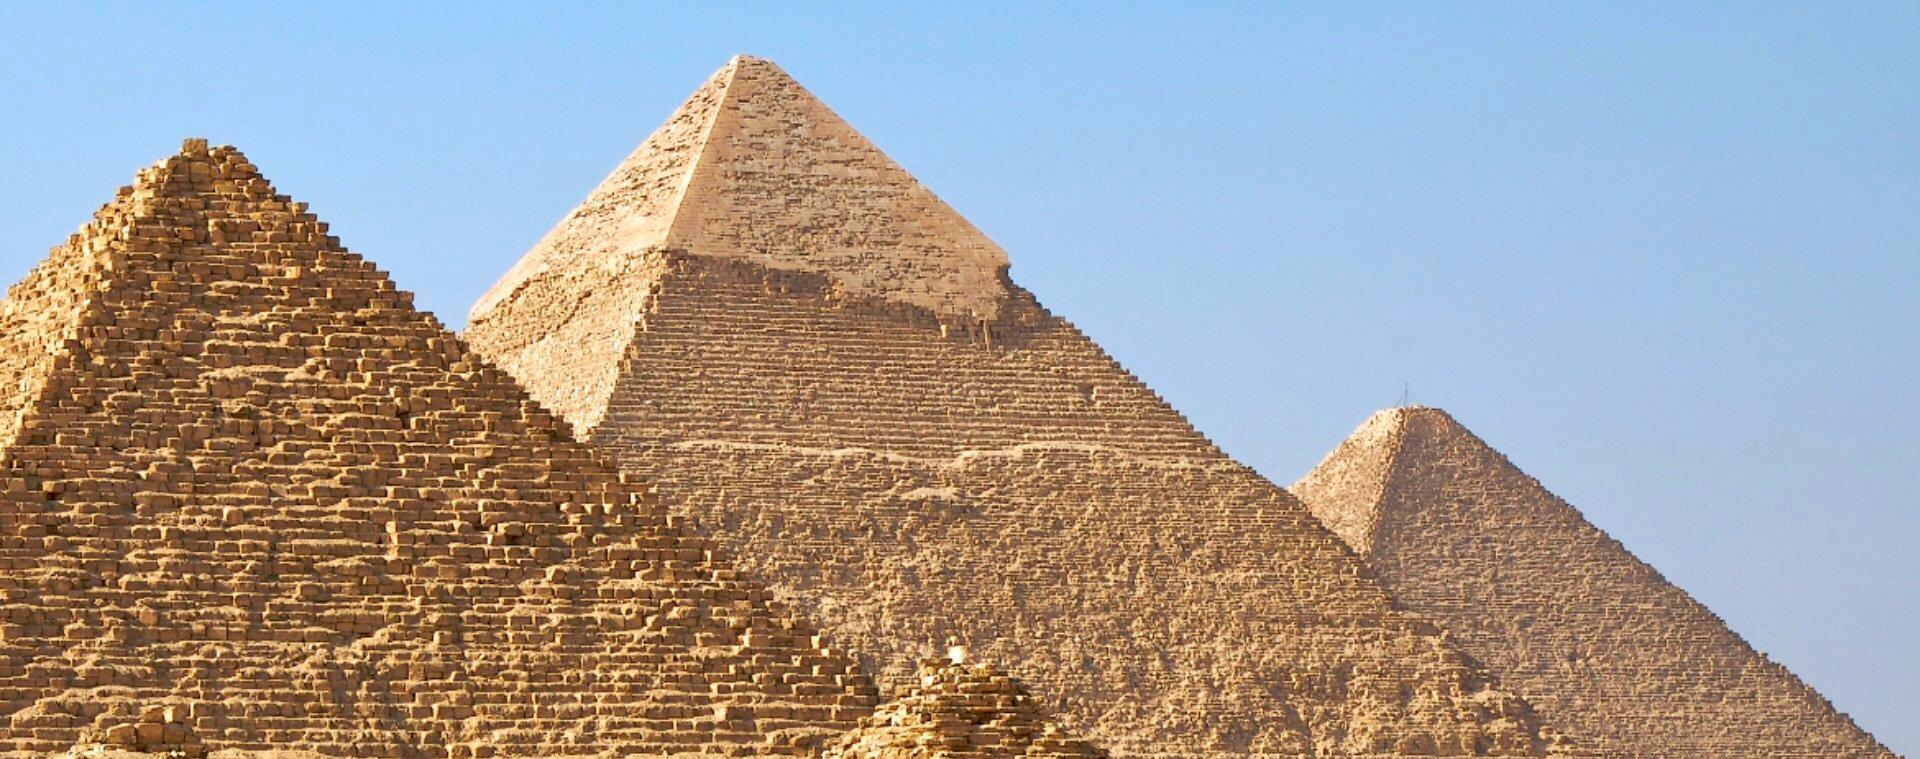 51-civiltà_egizia_slid1